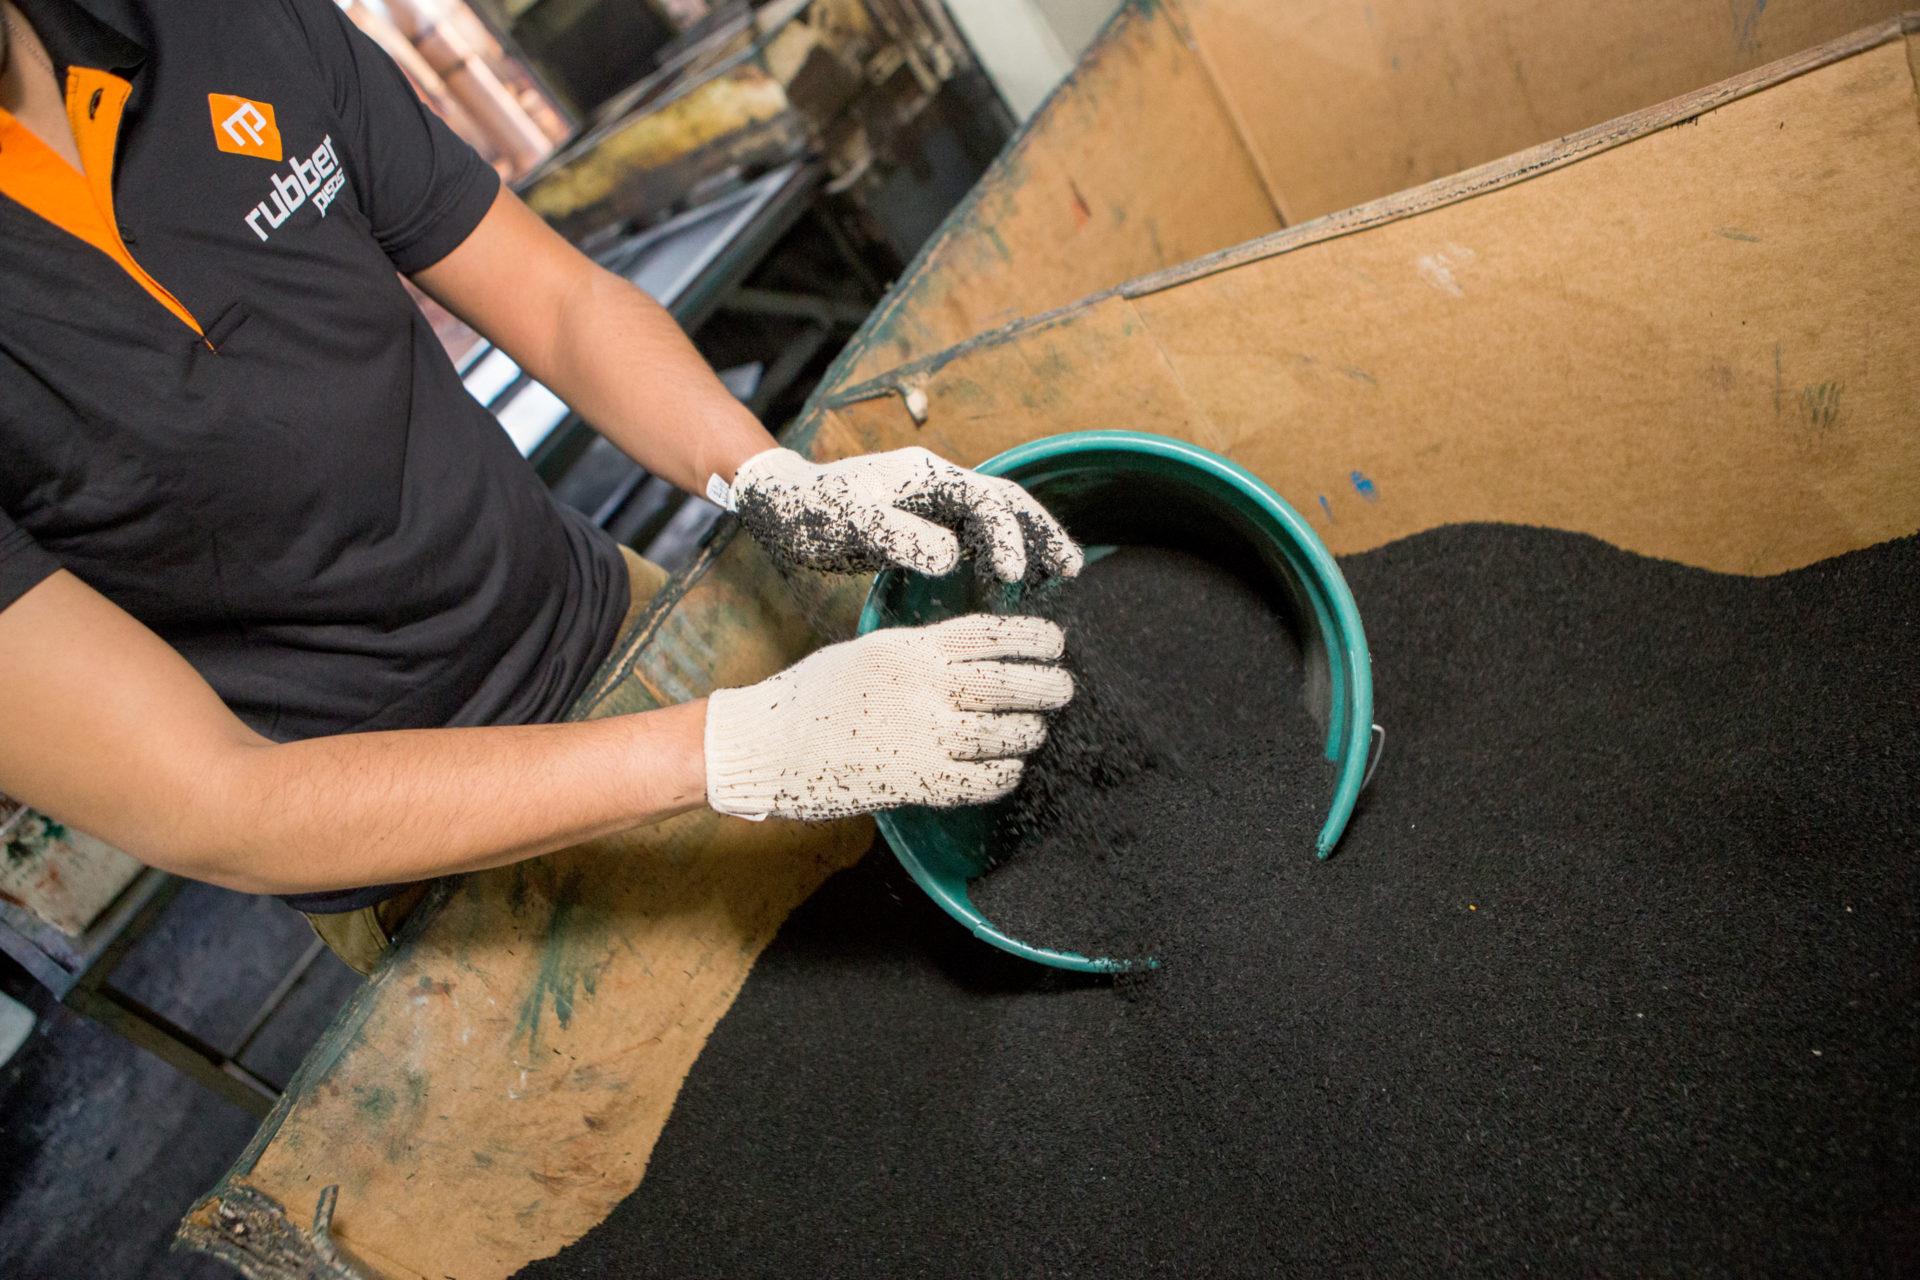 Produção de piso feito a partir de pneus reciclado